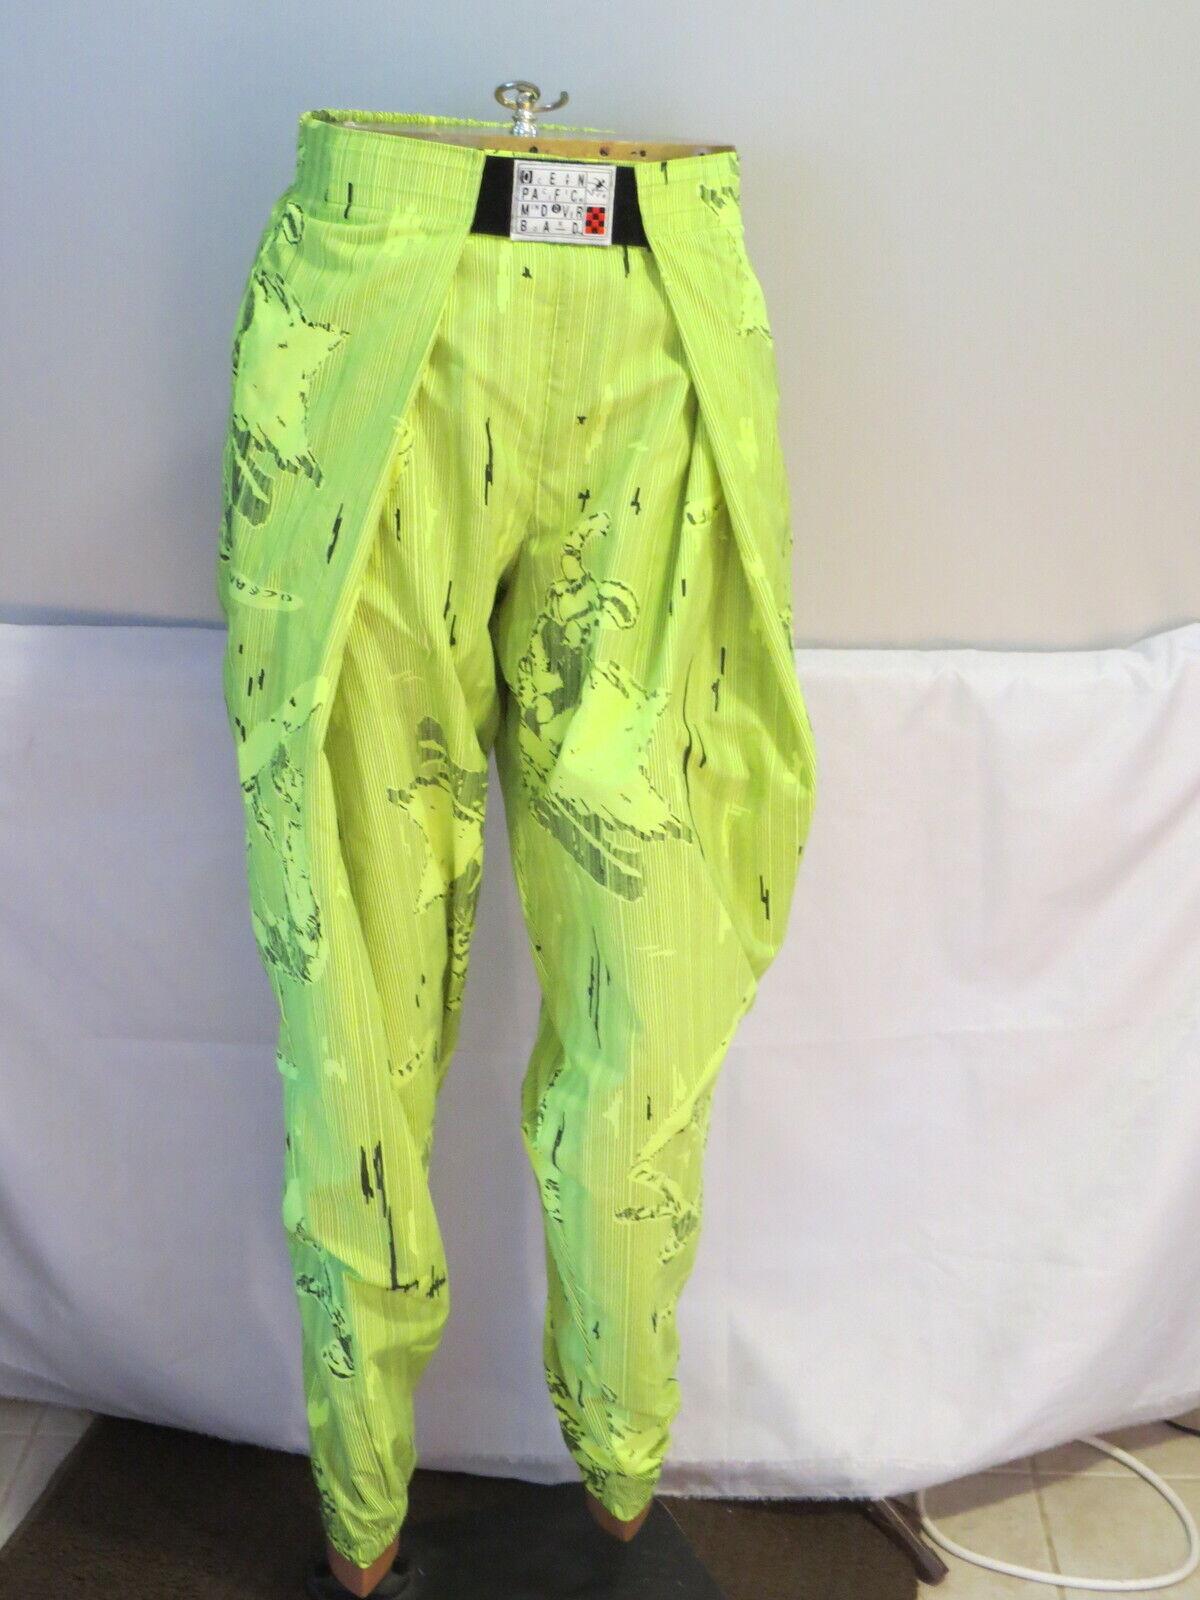 Vintage Snowboard Pants - Ocean Pacific Neon Gelb 1980s -